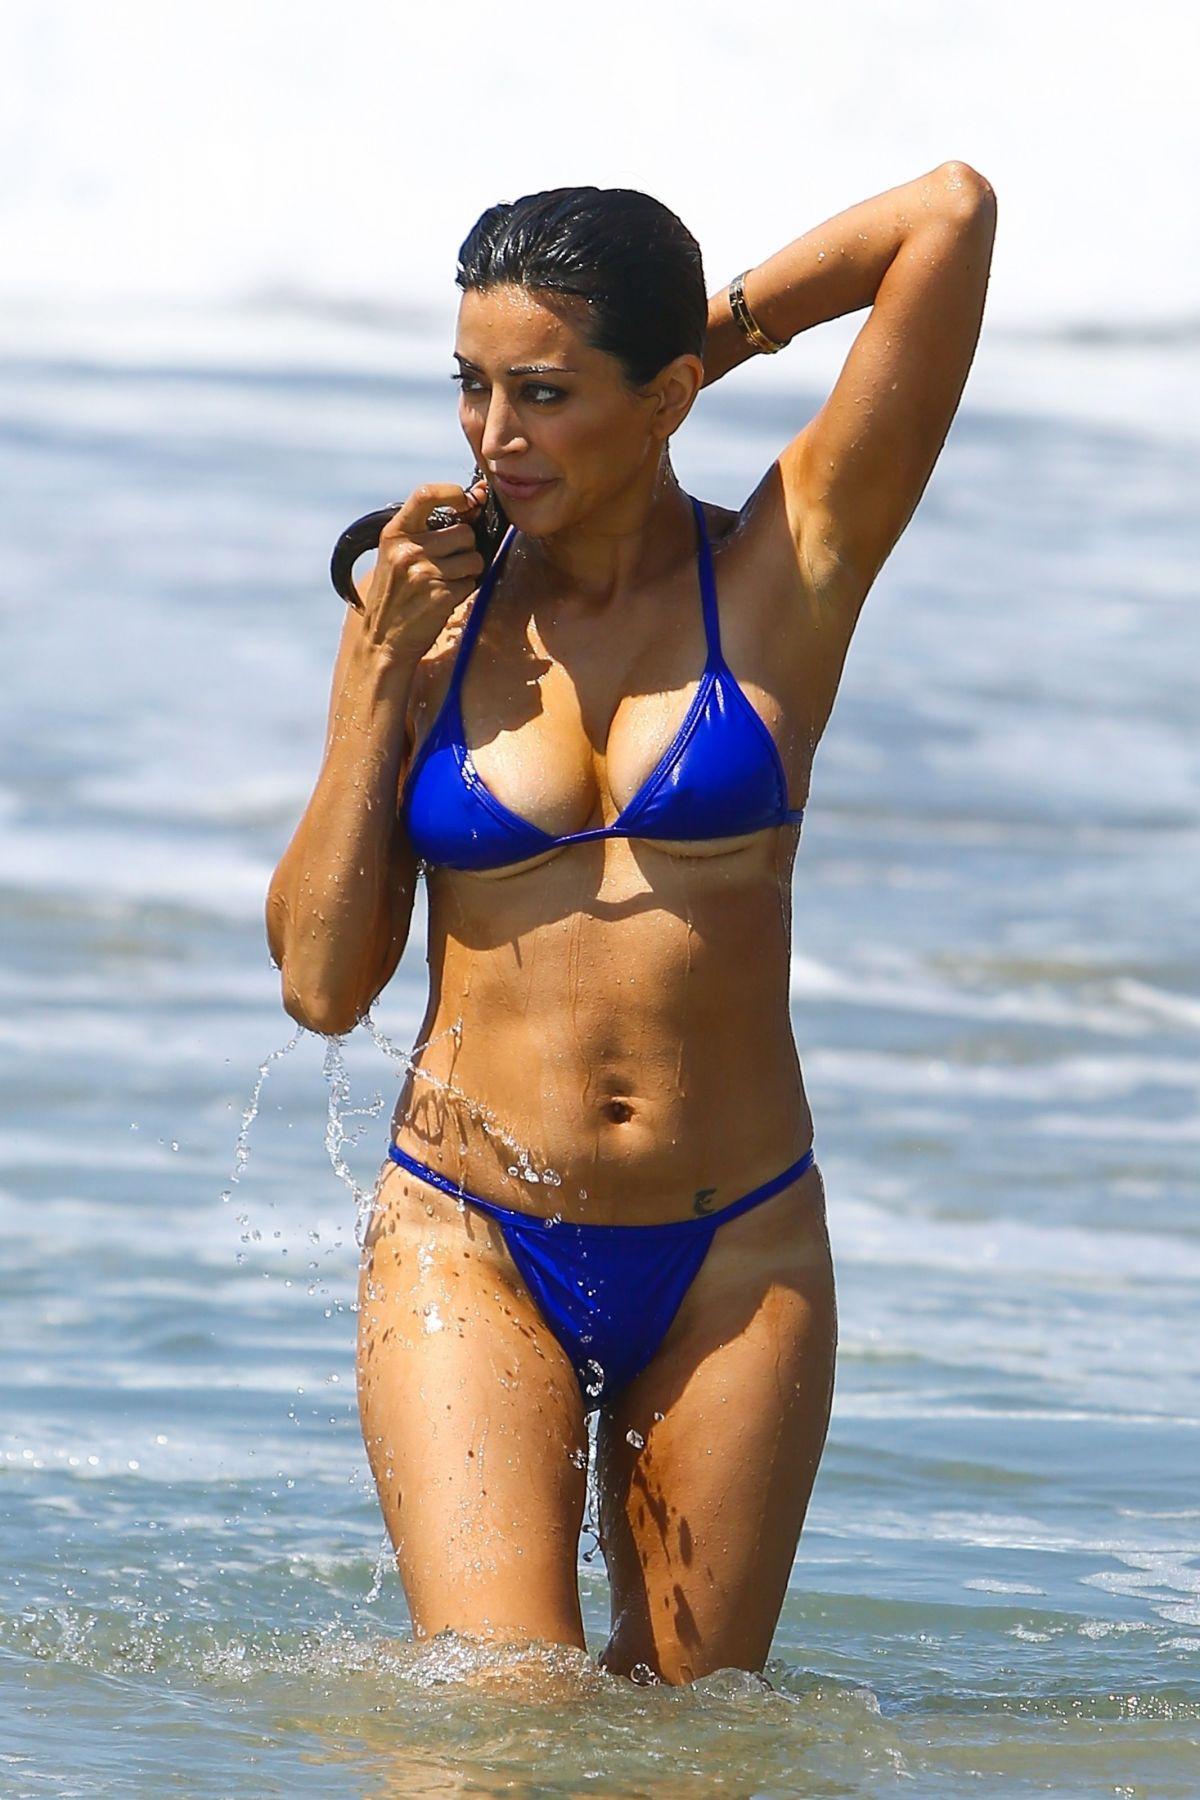 Bikini Noureen DeWulf nudes (16 pics), Sideboobs